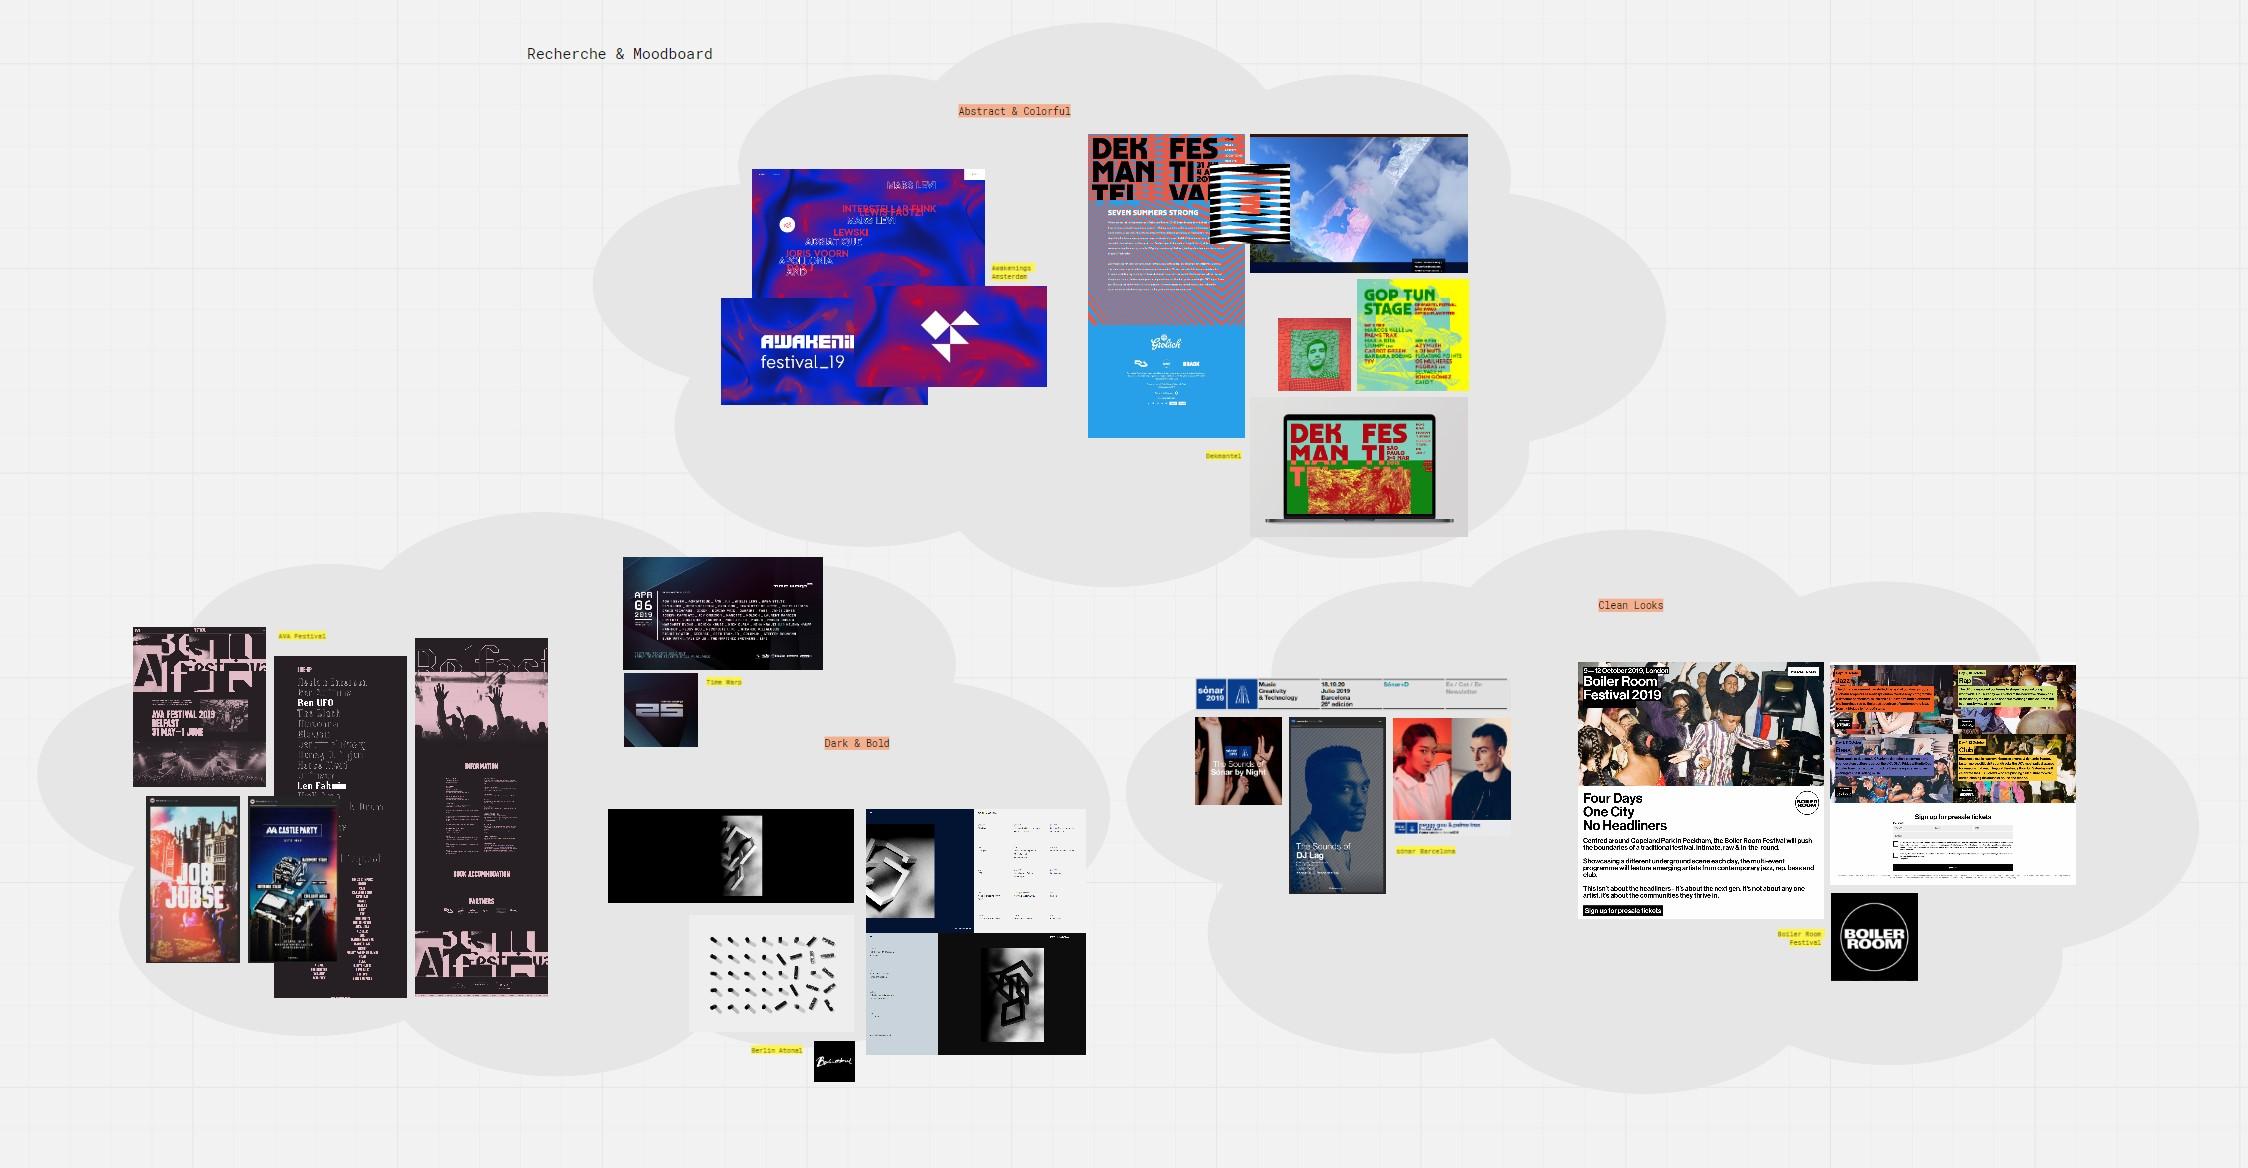 Eine erste Recherche ist nicht nur praktisch um sich inspirieren zu lassen sondern soll auch vermeiden, dass die spätere visuelle Umsetzung zu stark einer bereits bestehenden visual Identity ähnelt.